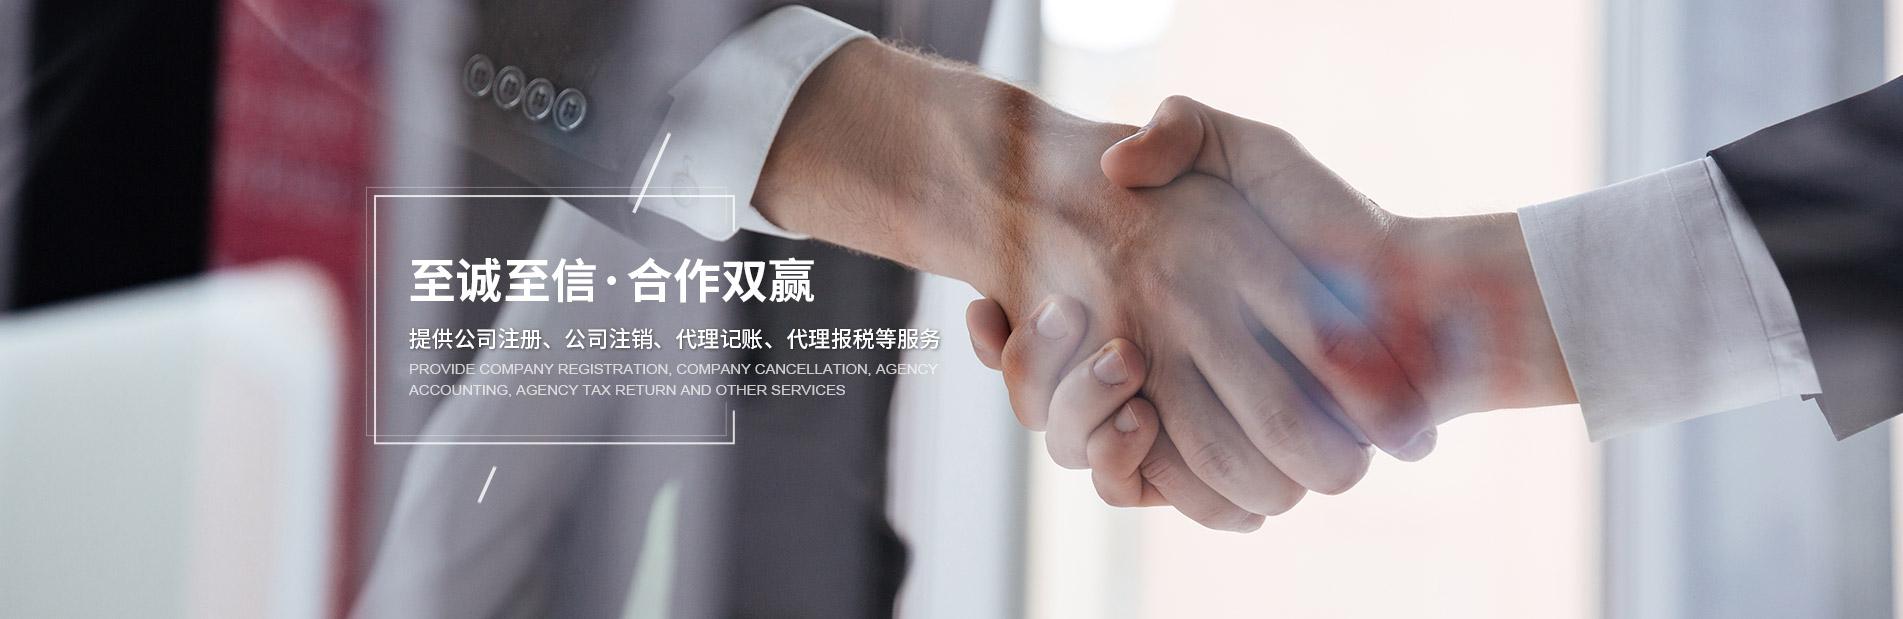 杭州鸿茗商务咨询有限公司